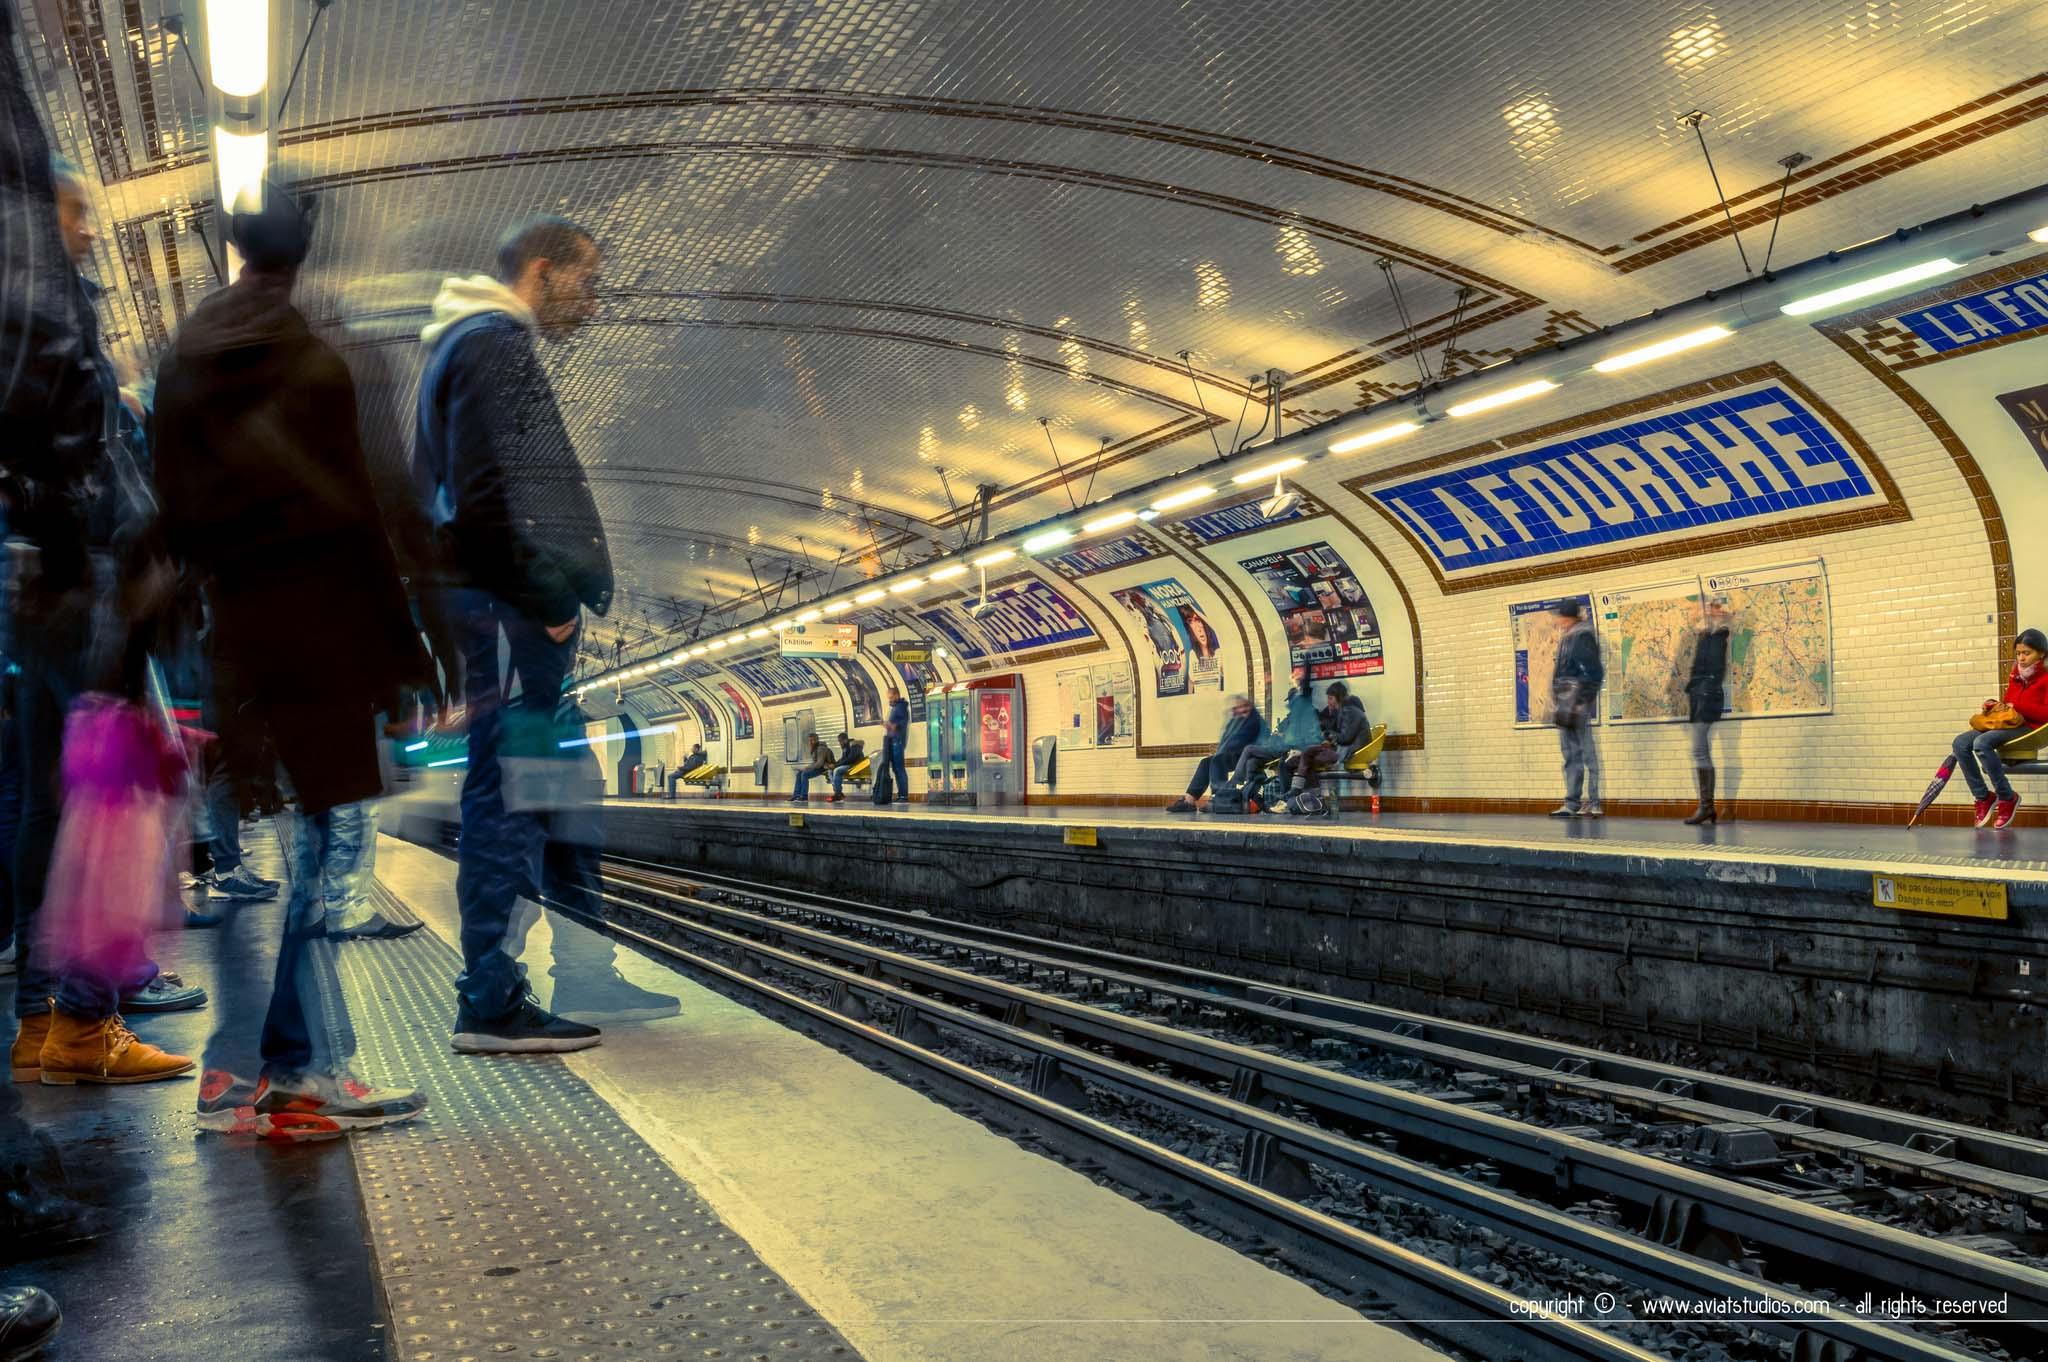 Un week-end à Paris - Le Métro